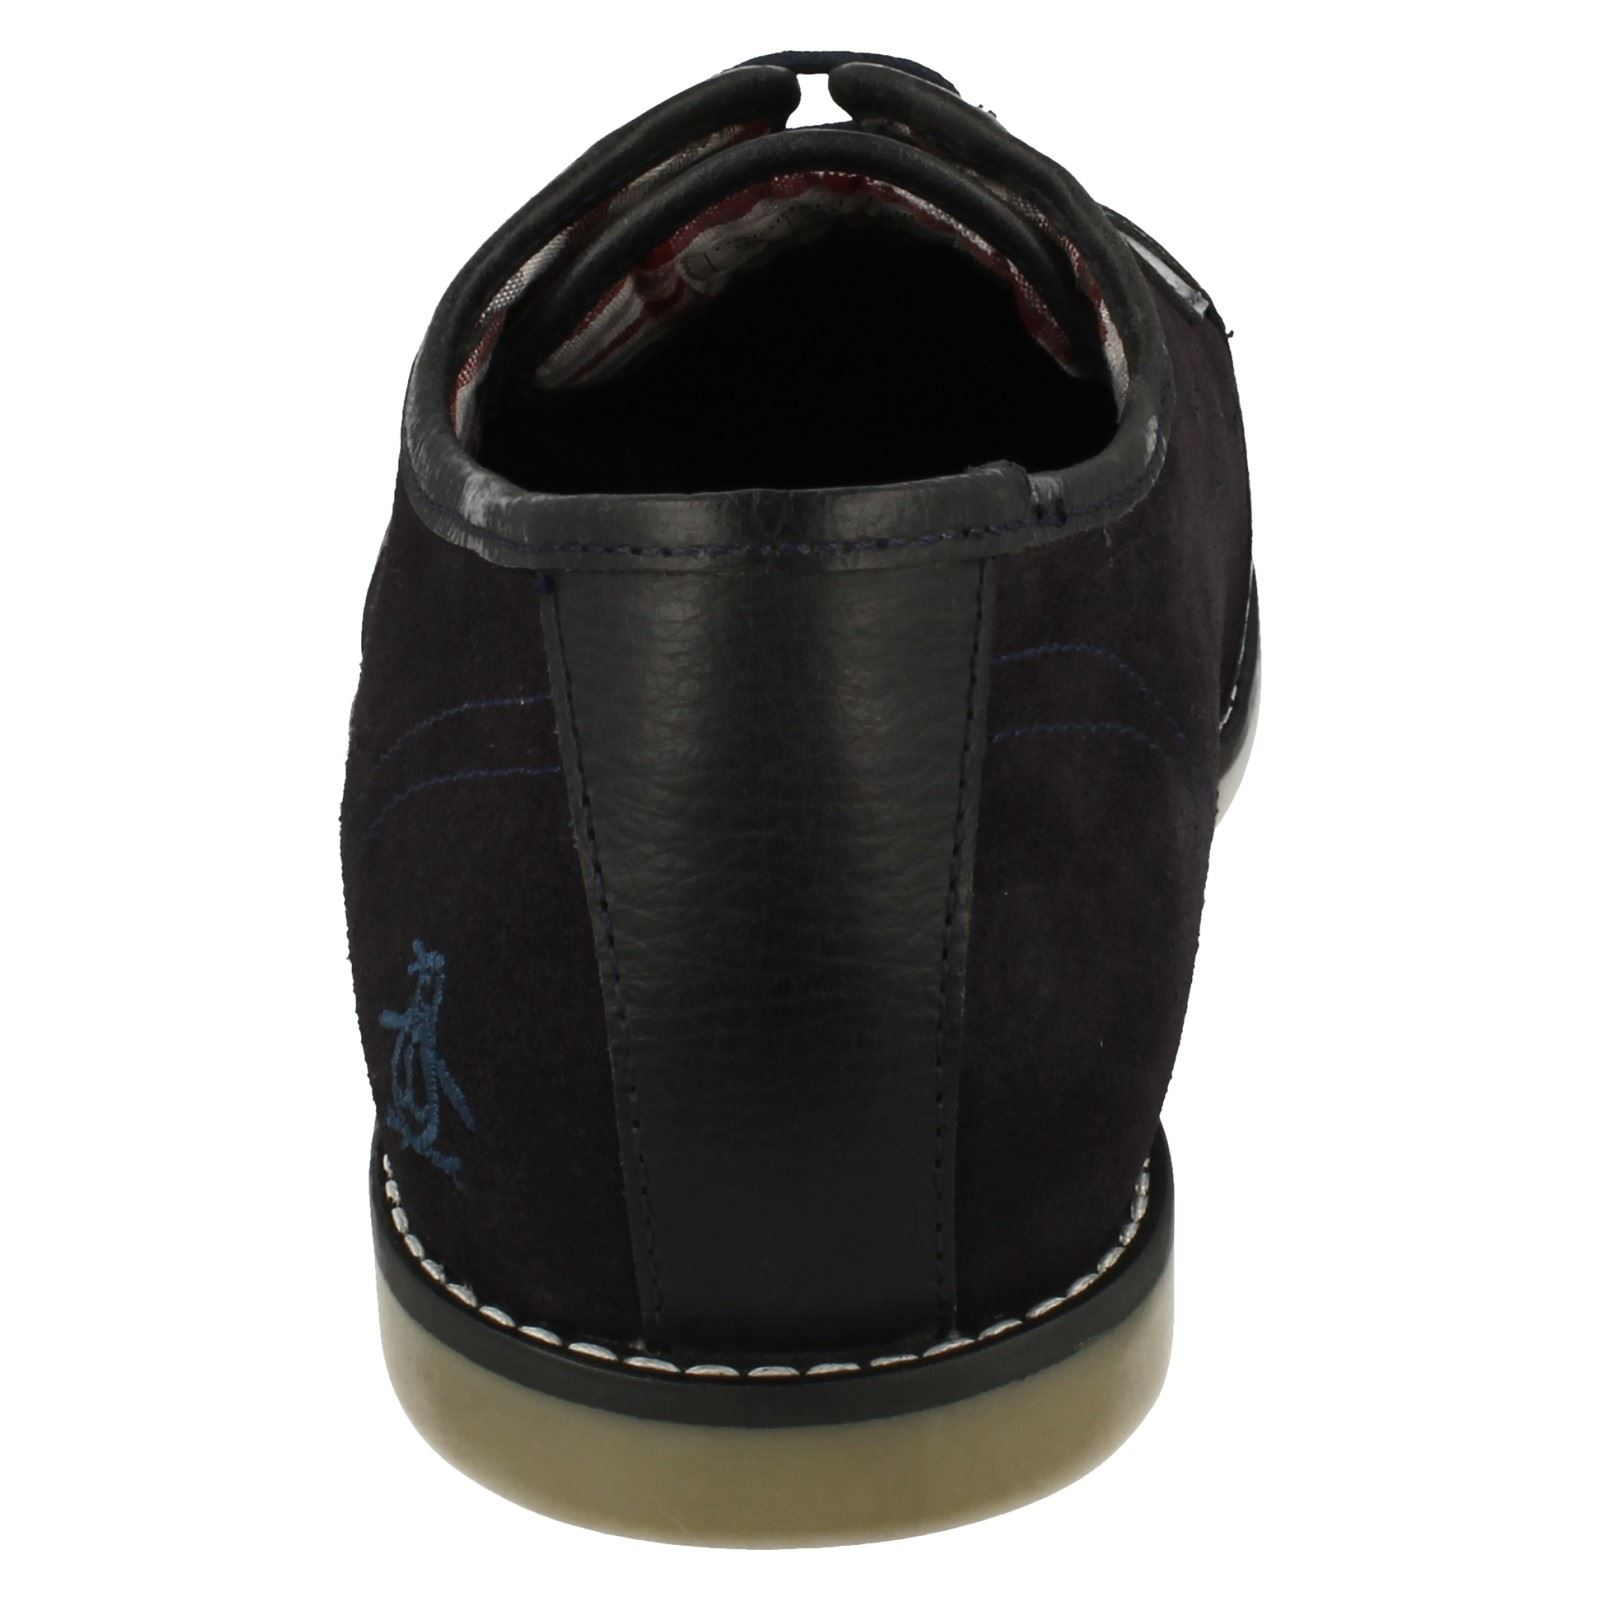 Lacets À Legit Daim Décontracté Arrondi Hommes Chaussures Penguin Bout 8qw0tWx6I